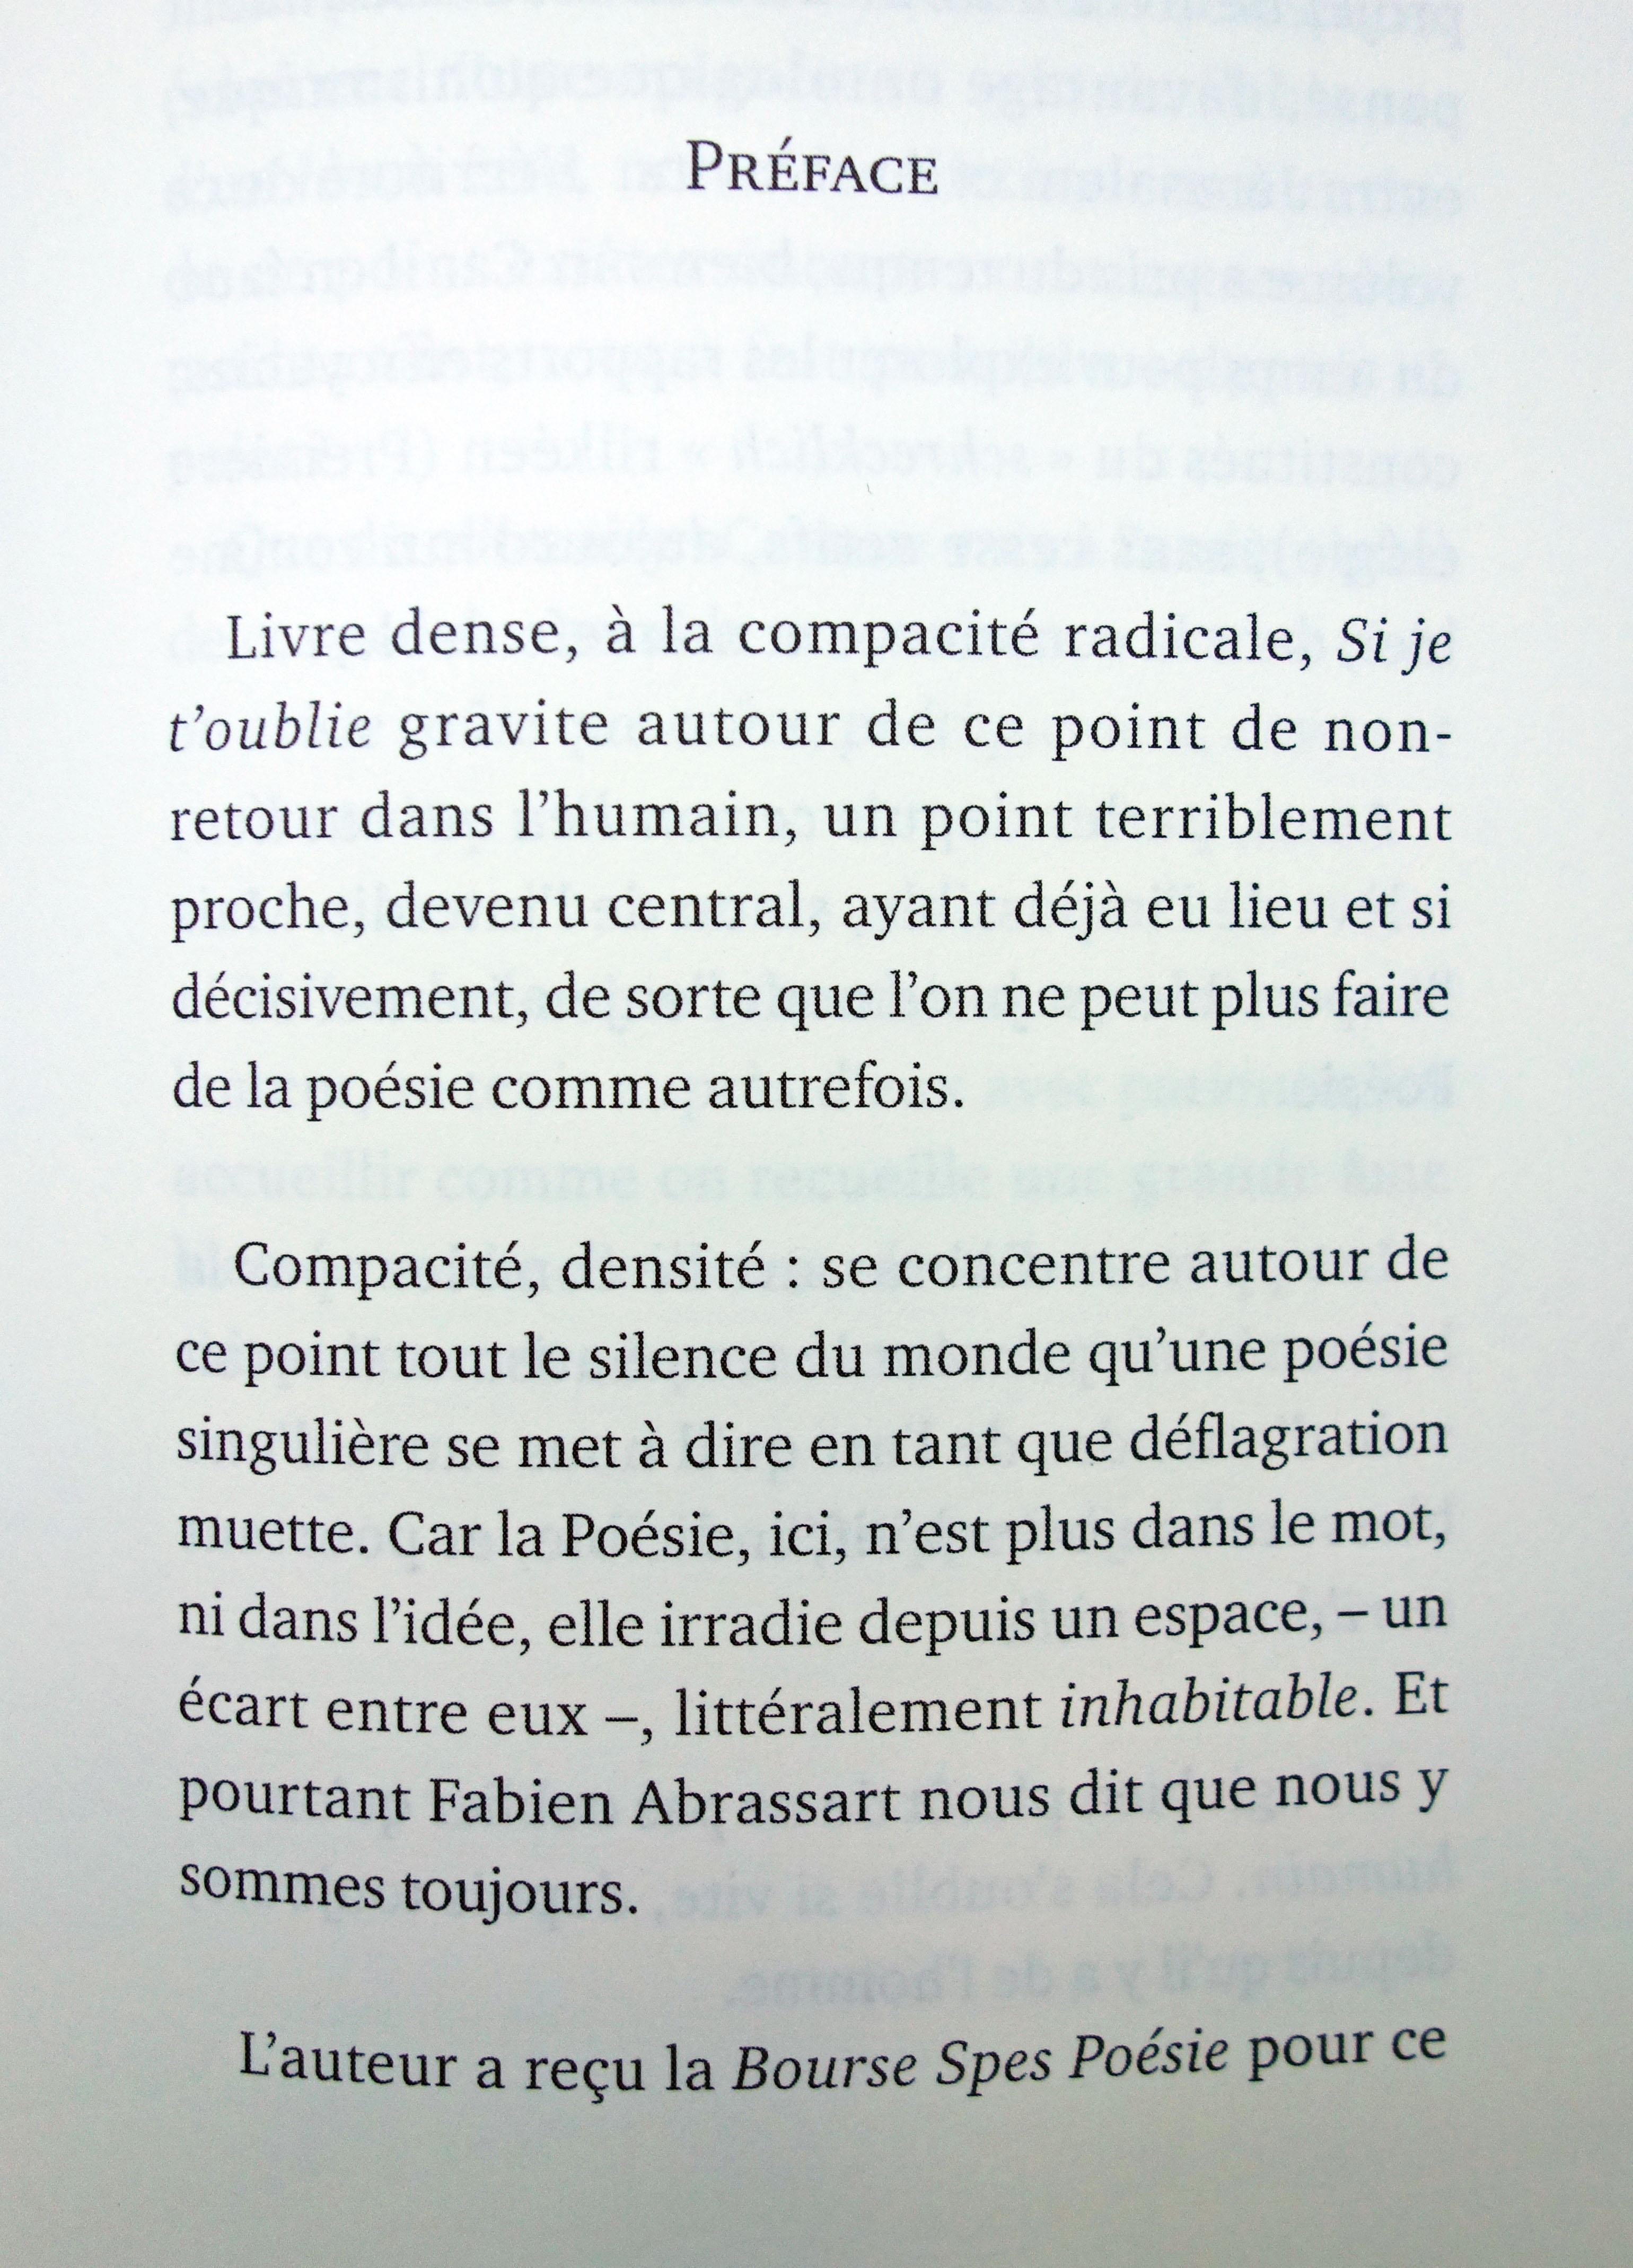 Archives Des Poésie Marie Alloy